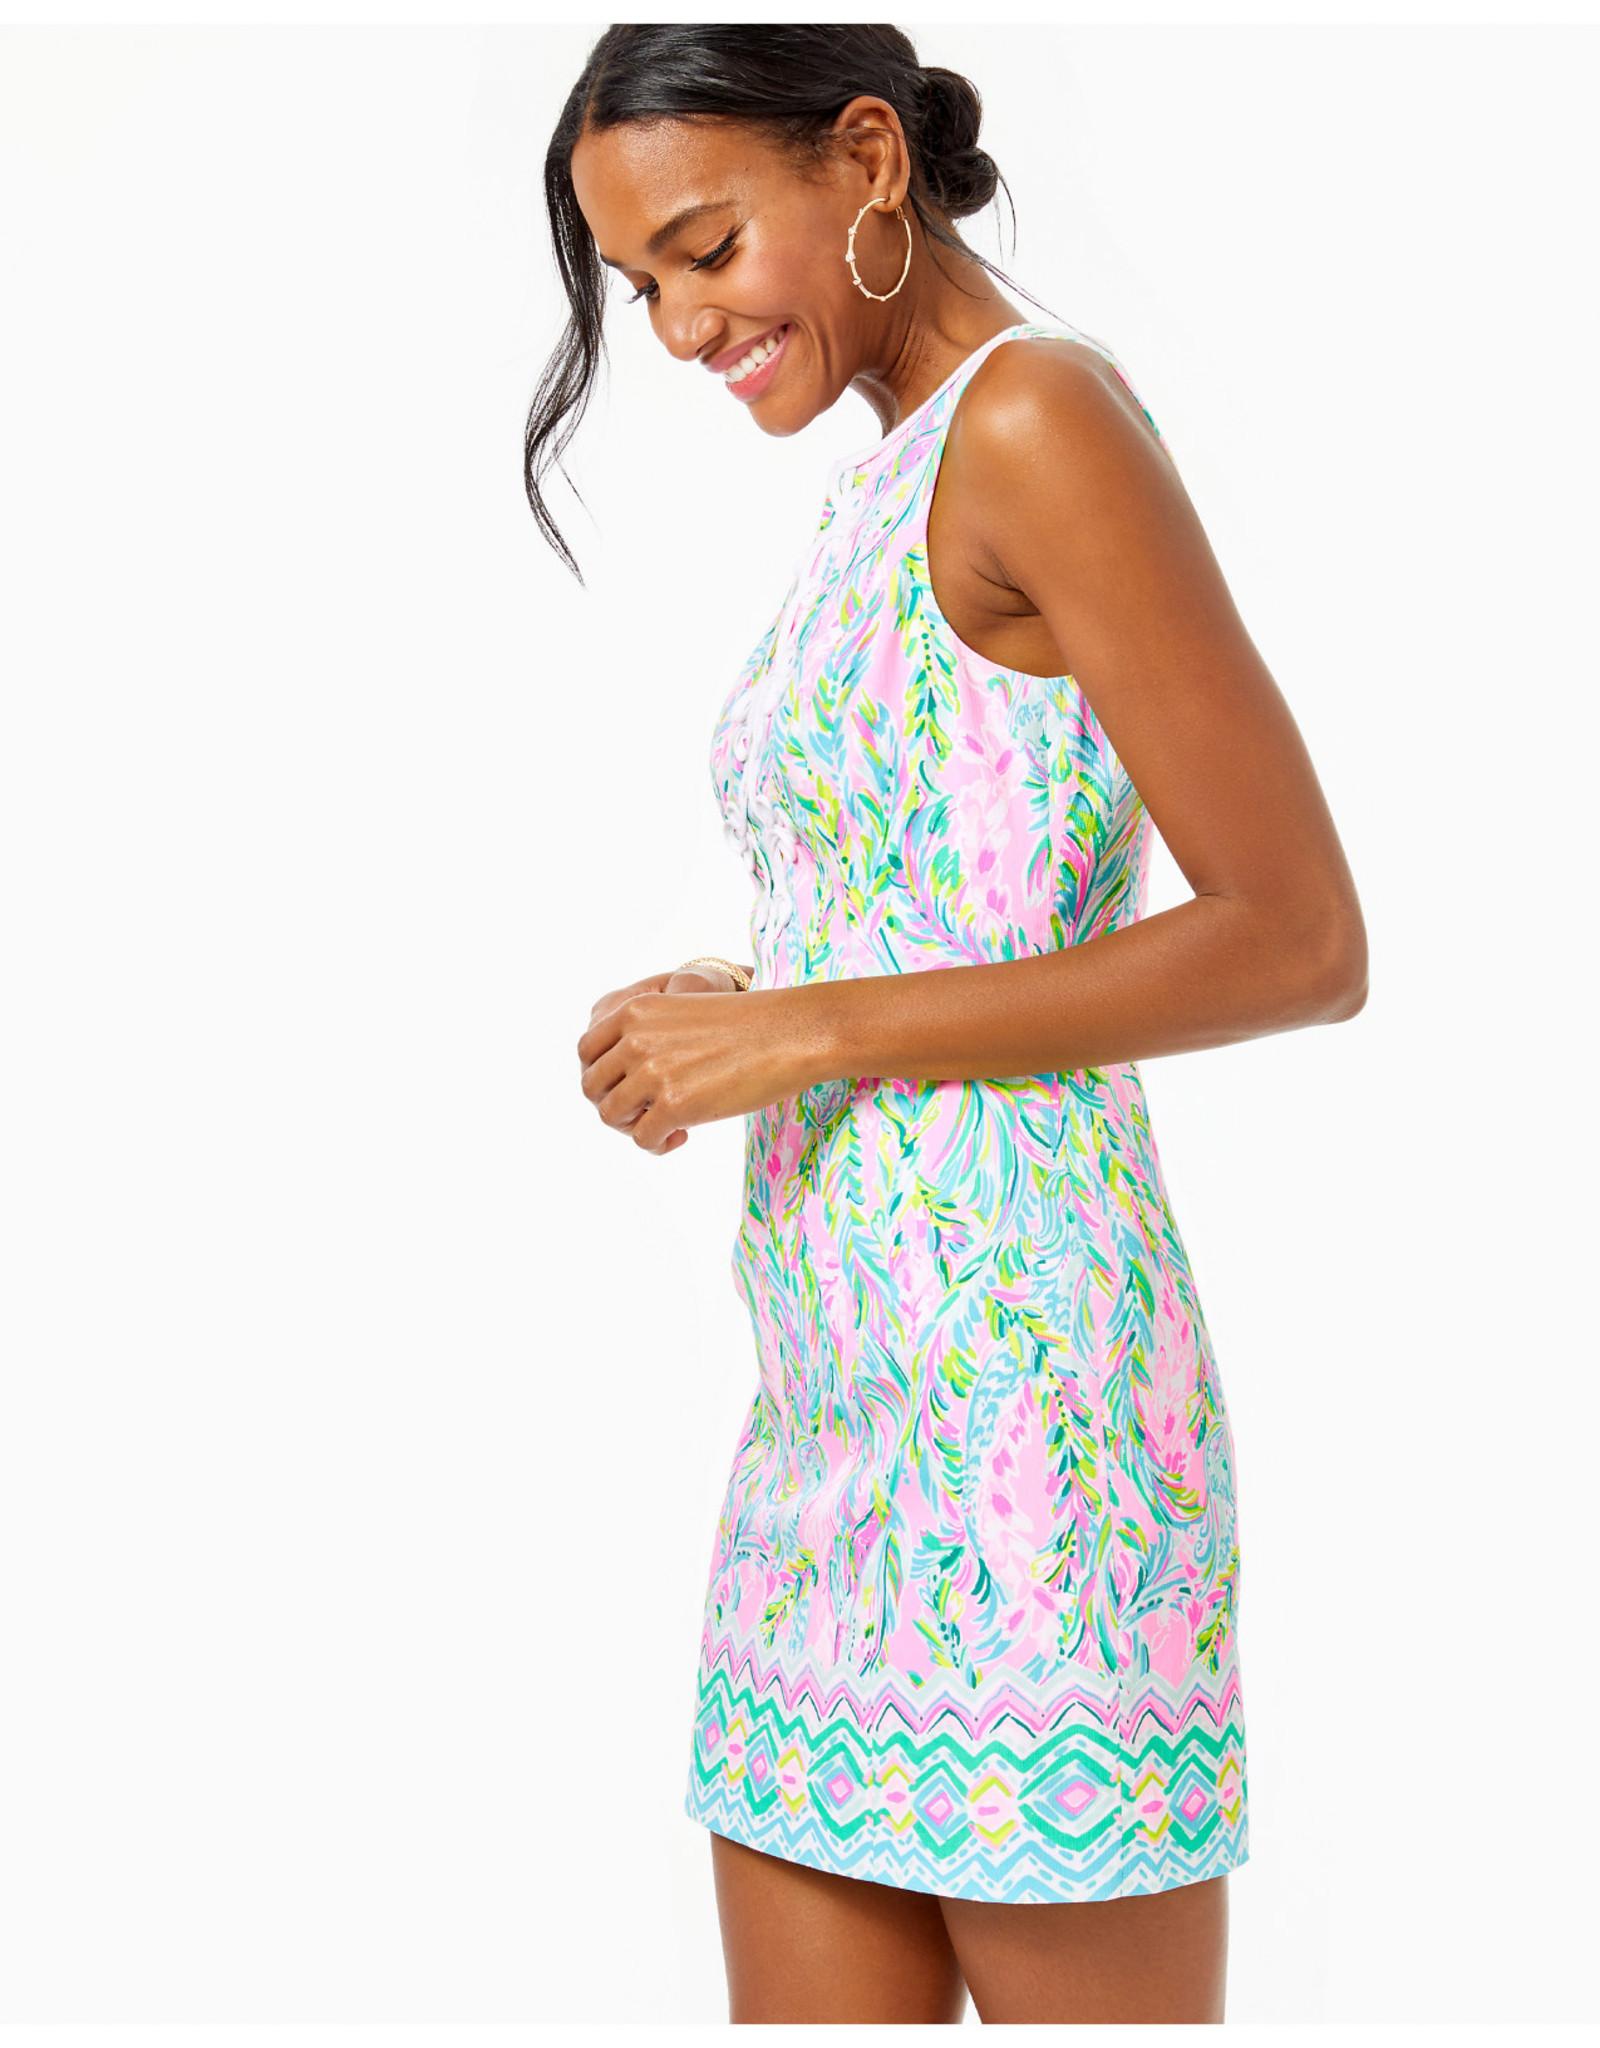 Lilly Pulitzer Gabby Stretch Dress